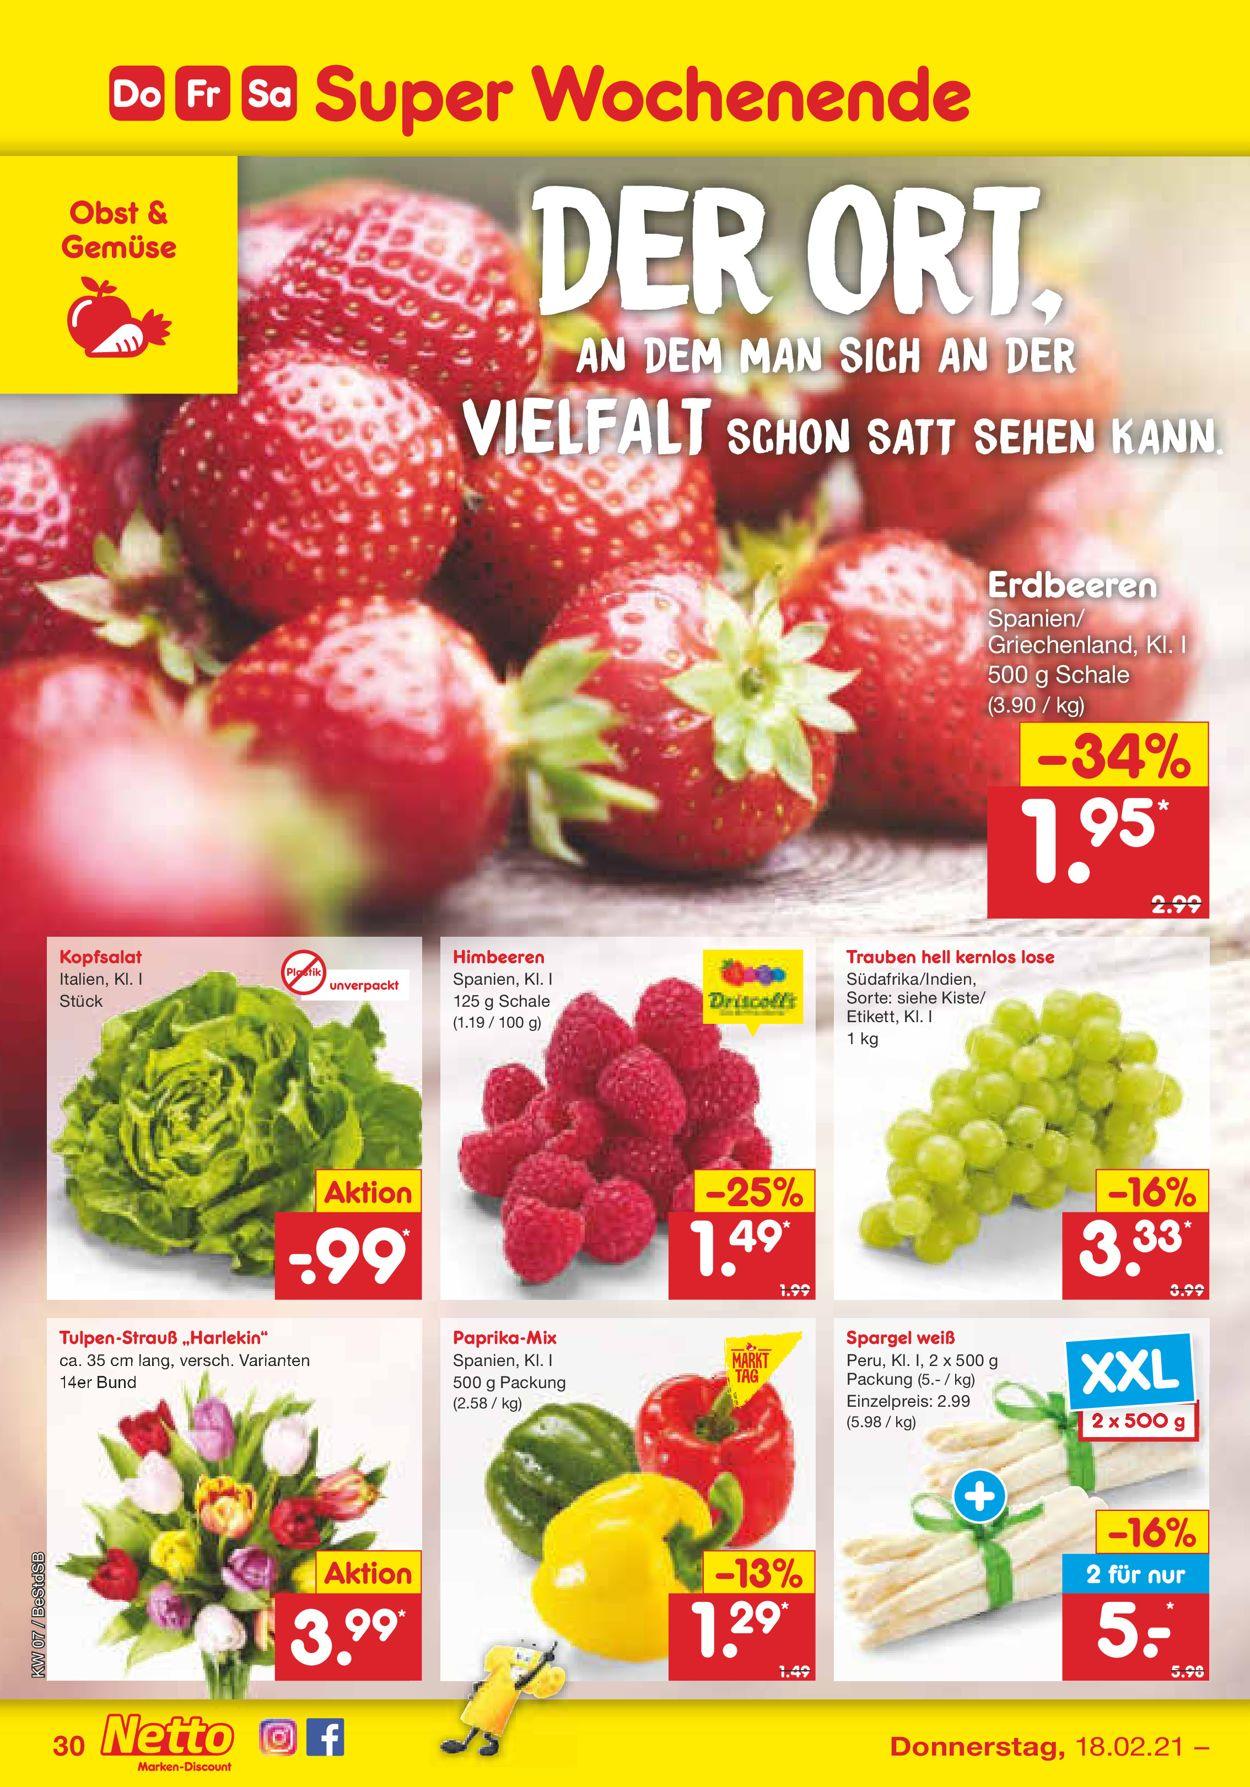 Netto Marken-Discount Prospekt - Aktuell vom 15.02-20.02.2021 (Seite 30)